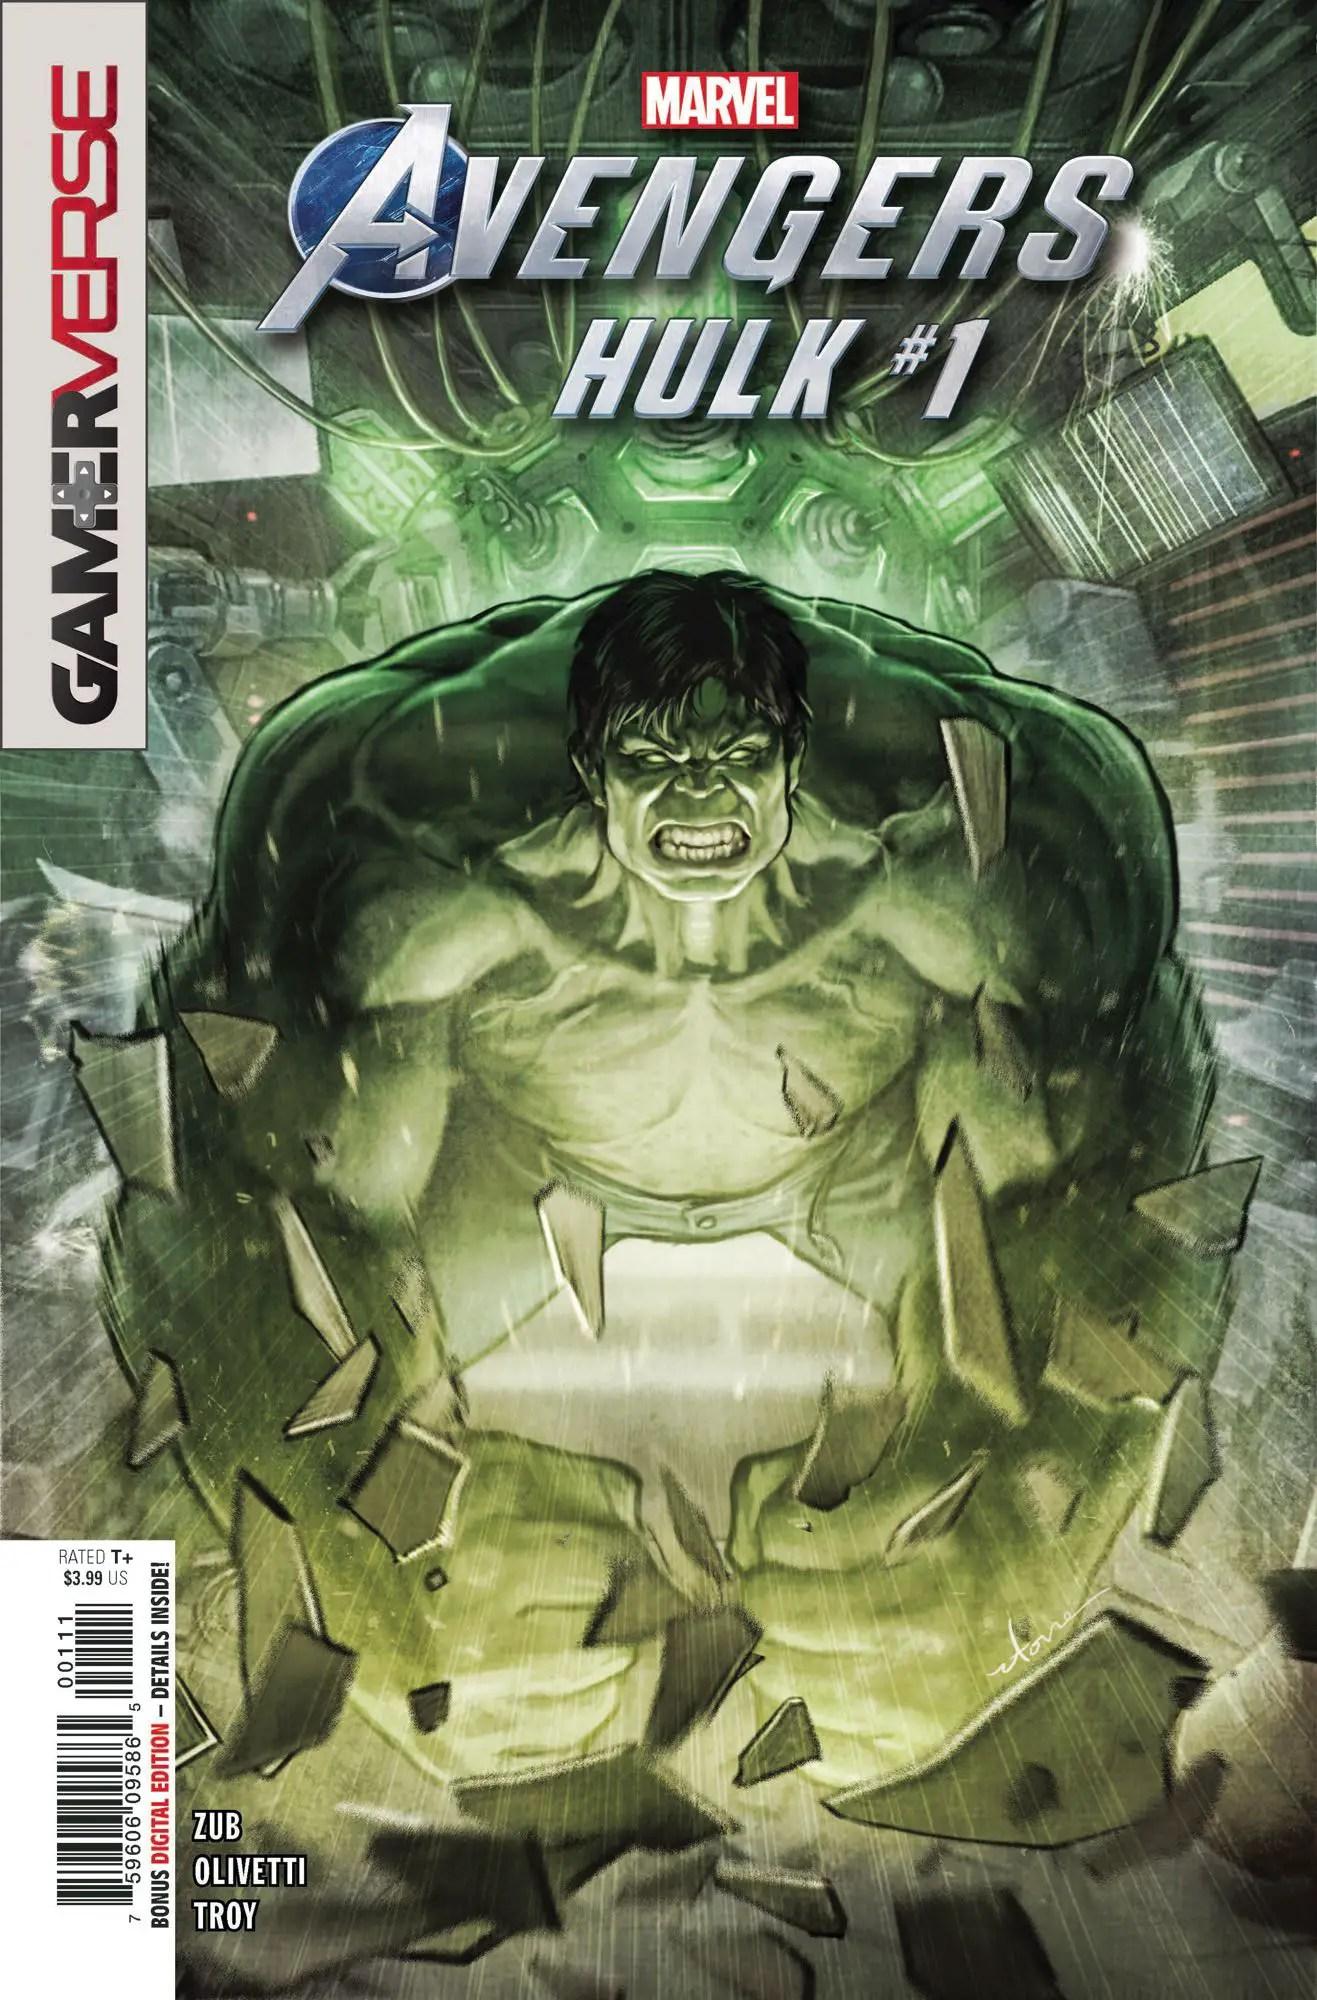 Avengers: Hulk #1 Review